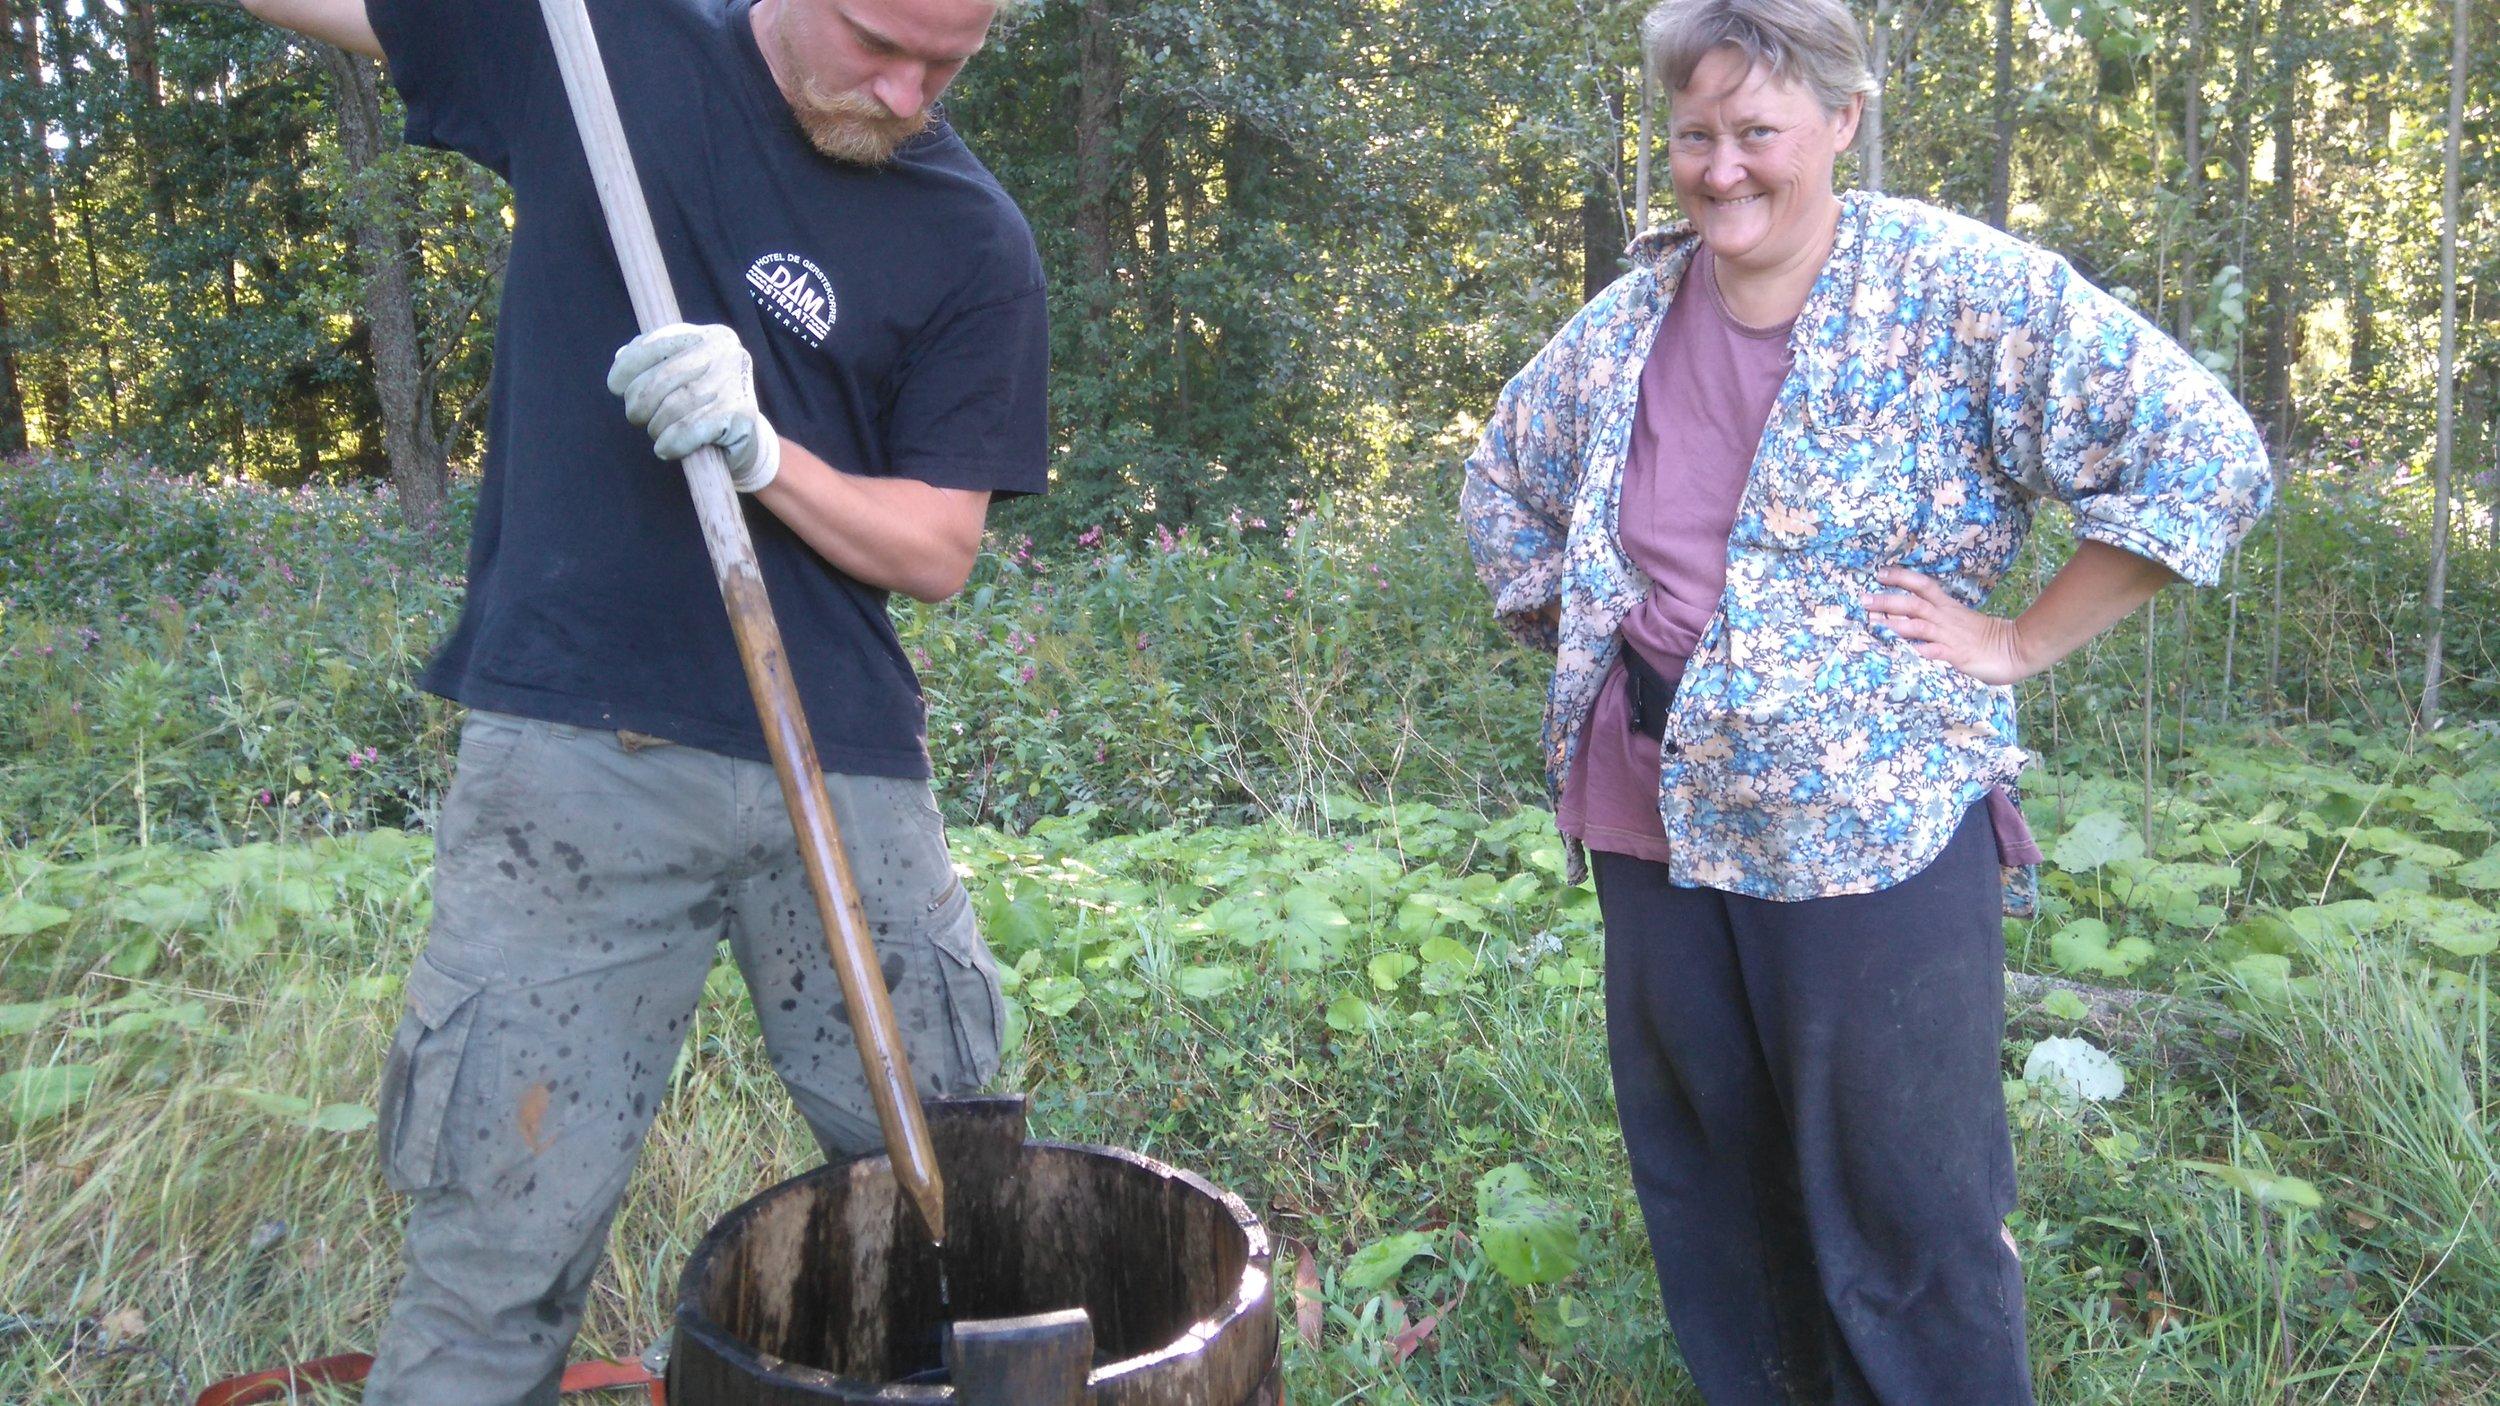 Joonas ja Annika pyörittävät biodynaamista pii-preparaattia, joka levitettiin perjantaina tukemaan generatiivista kasvun vaihetta